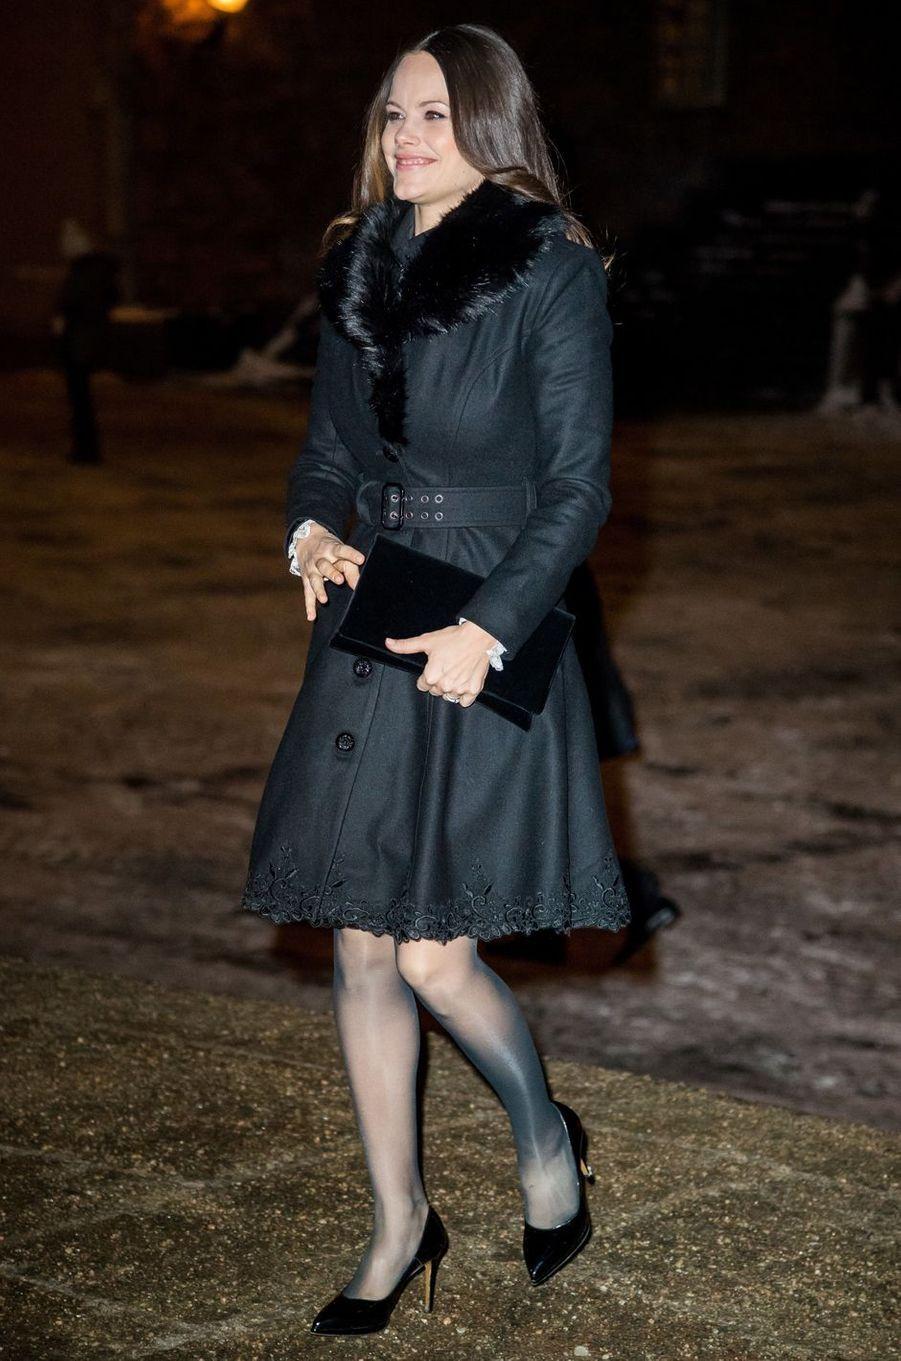 La princesse Sofia de Suède, née Hellqvist, à Stockholm, le 18 janvier 2018